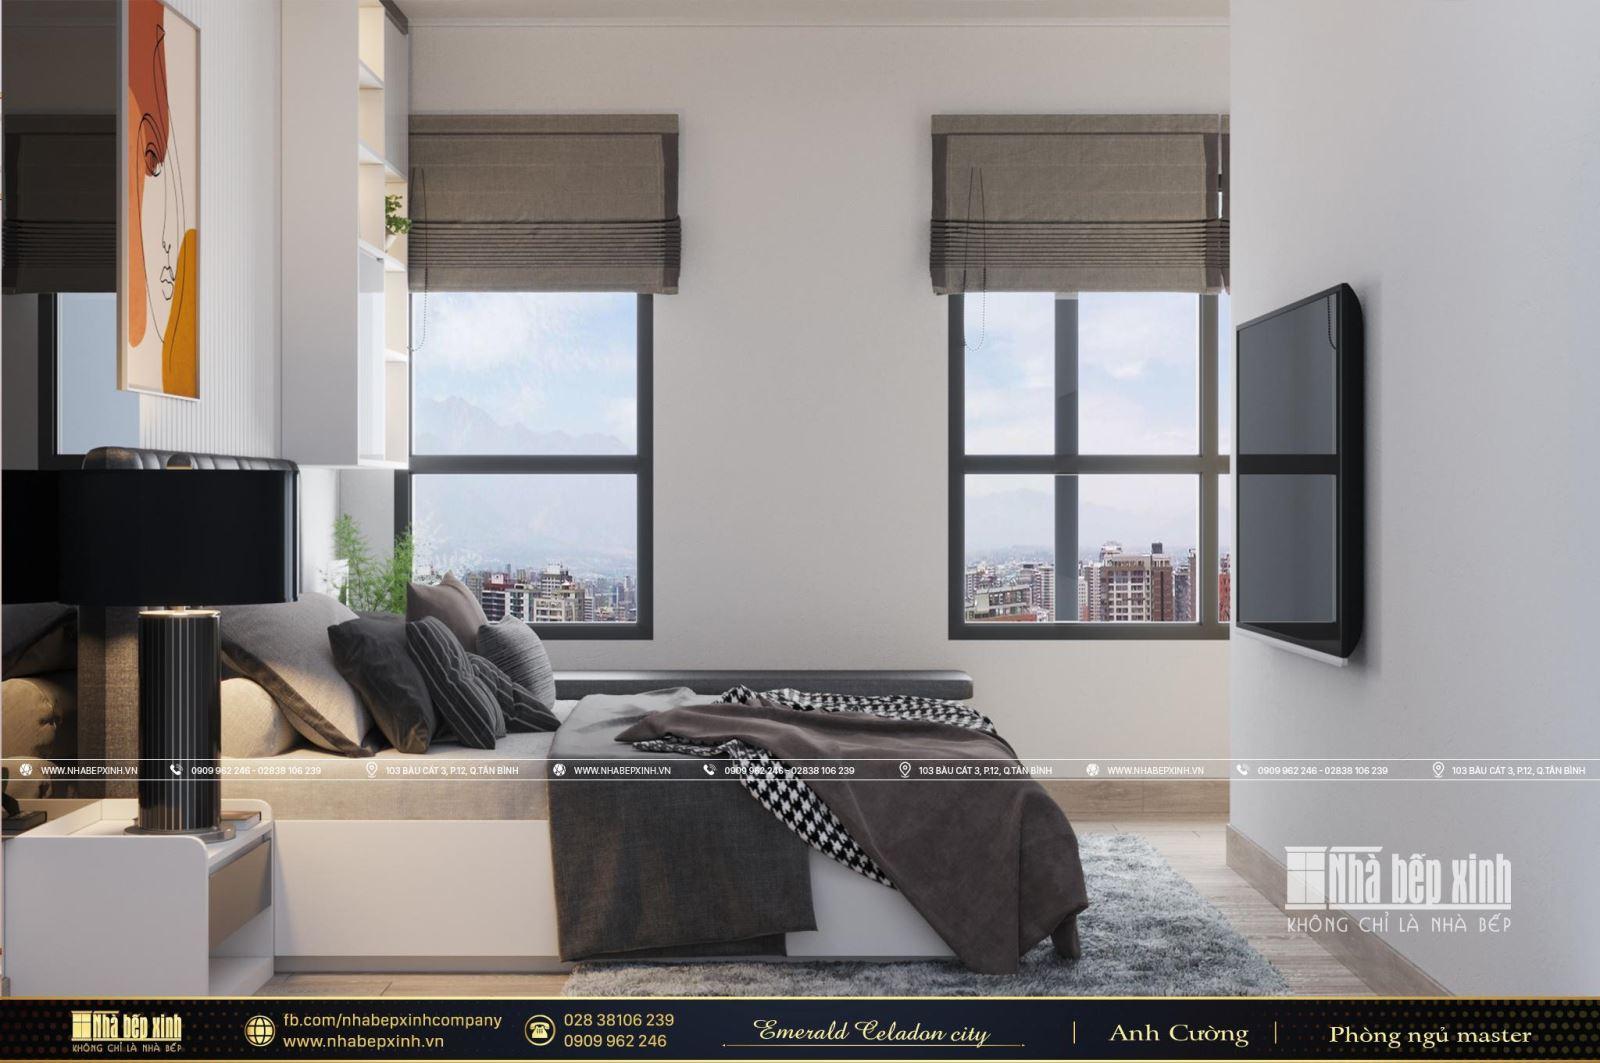 Phòng ngủ Master sang trọng tại căn Duplex Emerald Celedon City 112m2